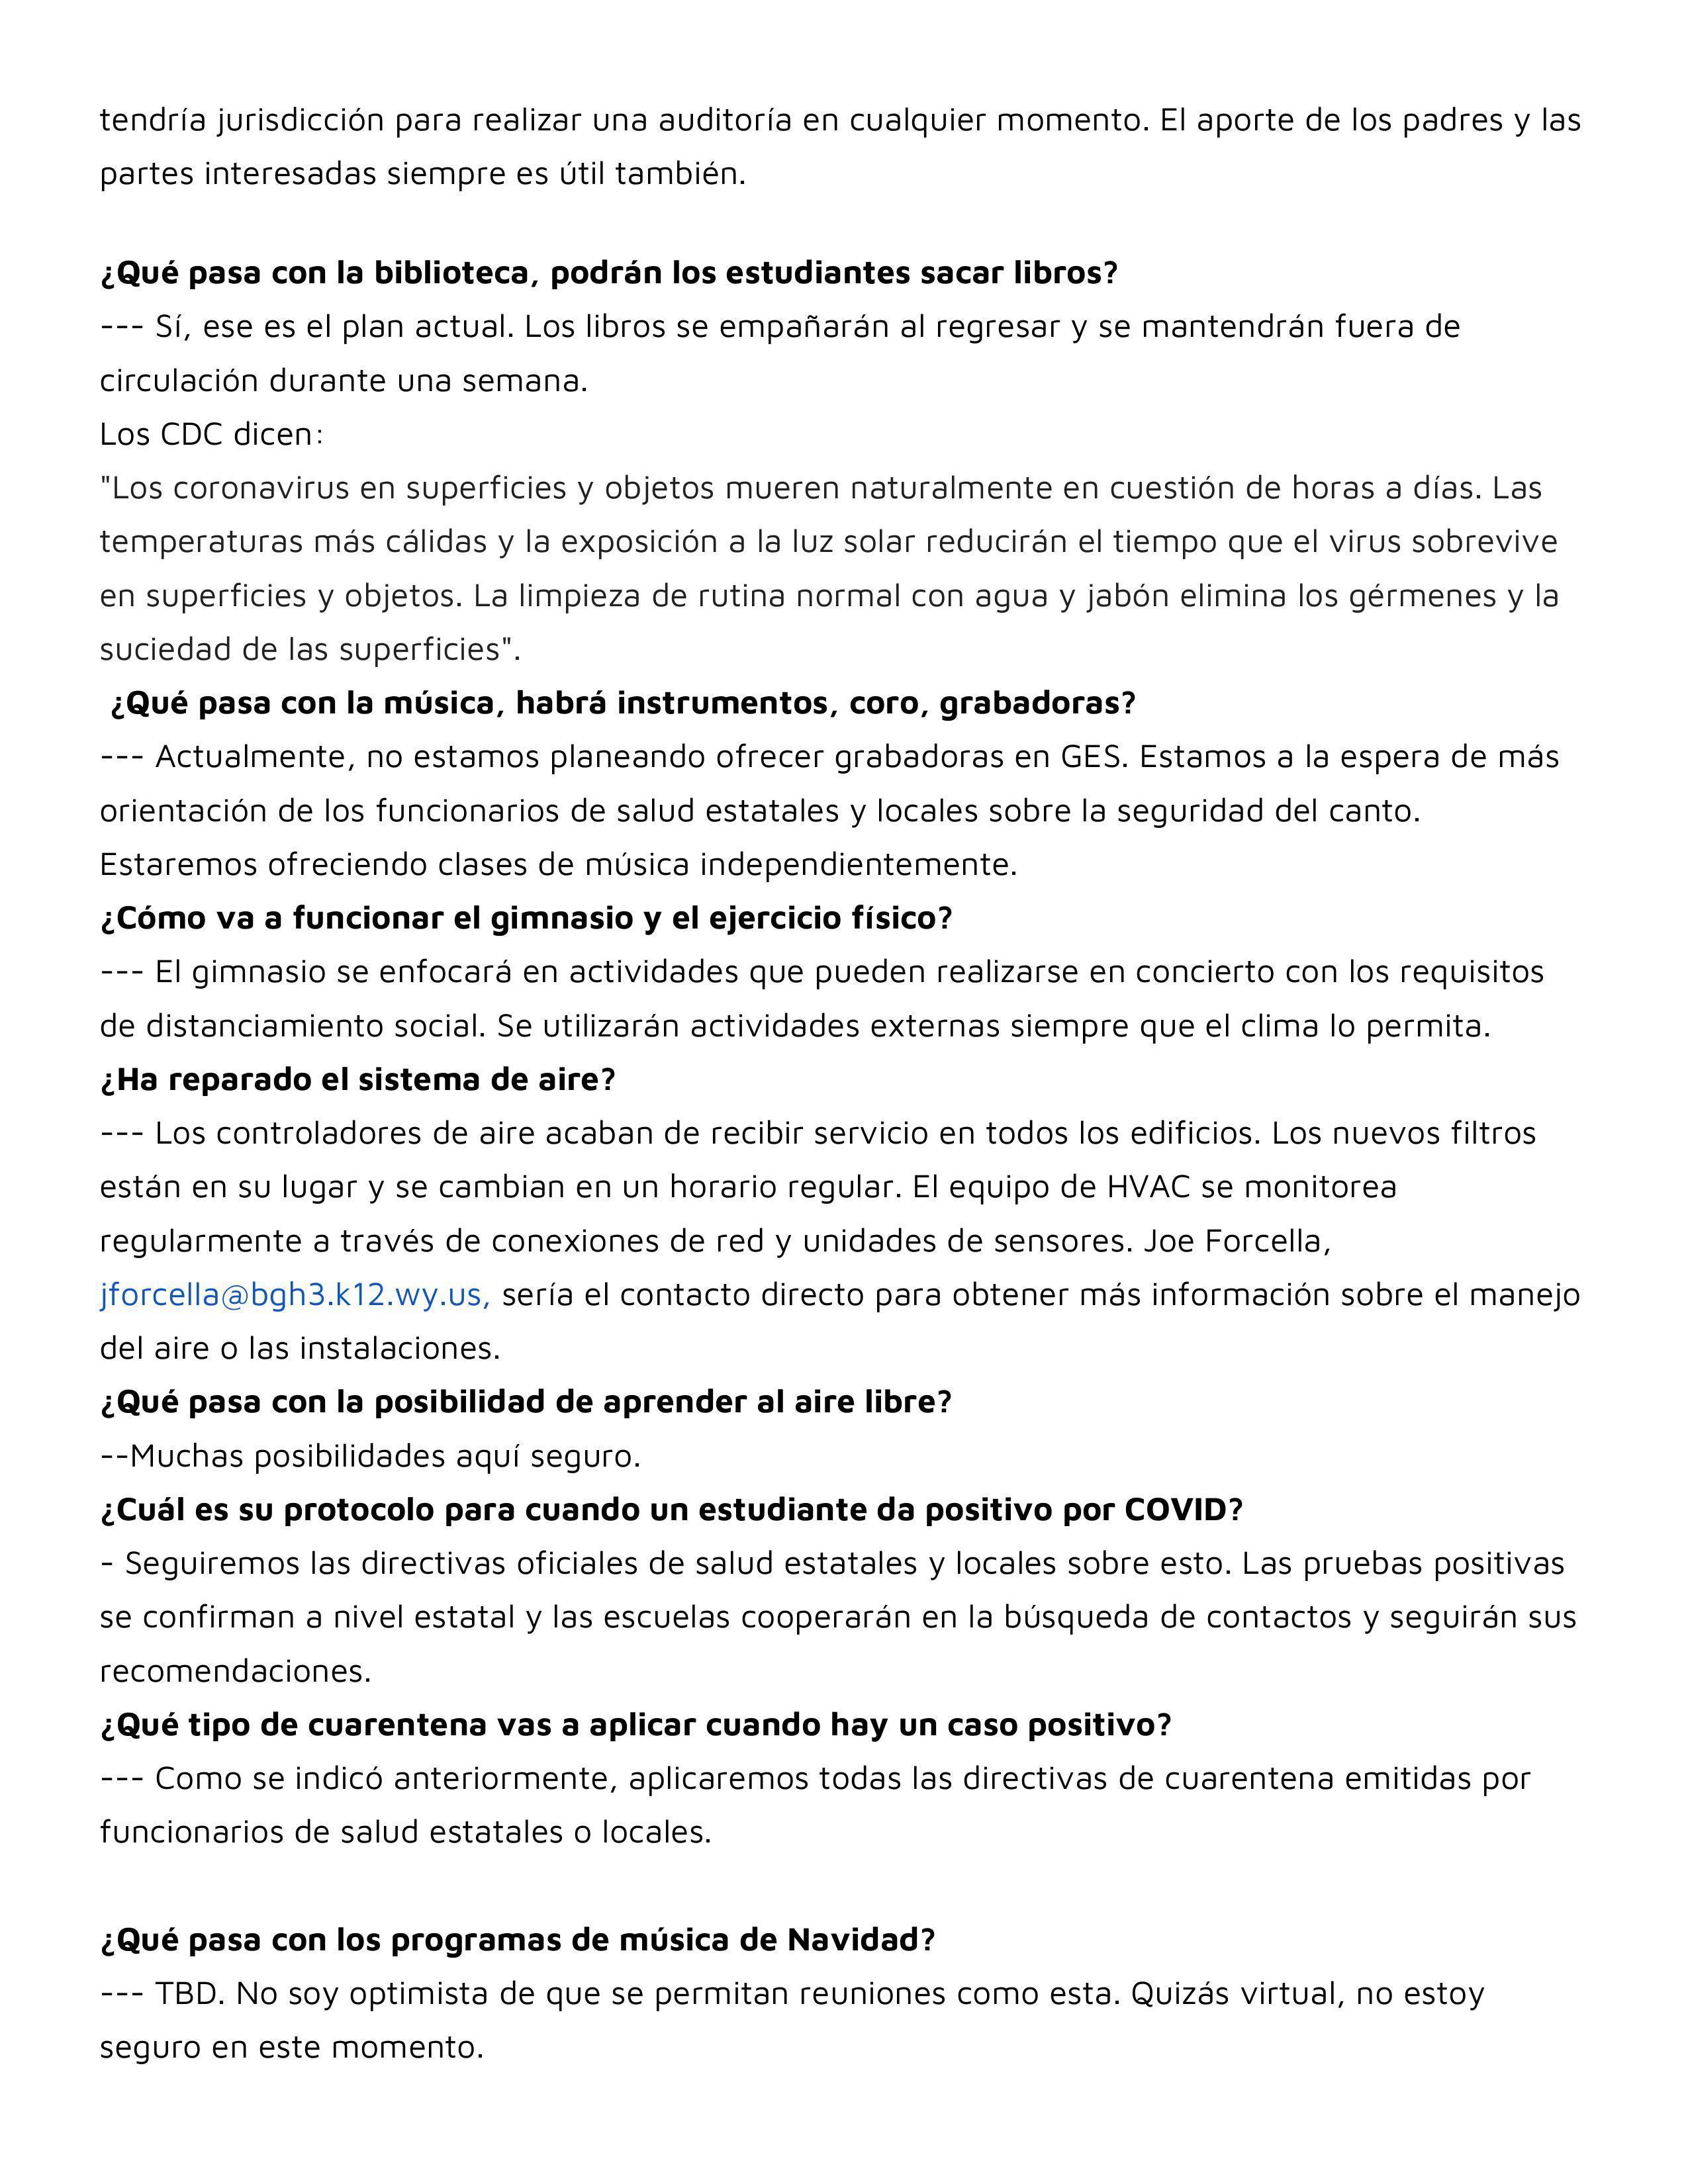 Parent Letter Page 10